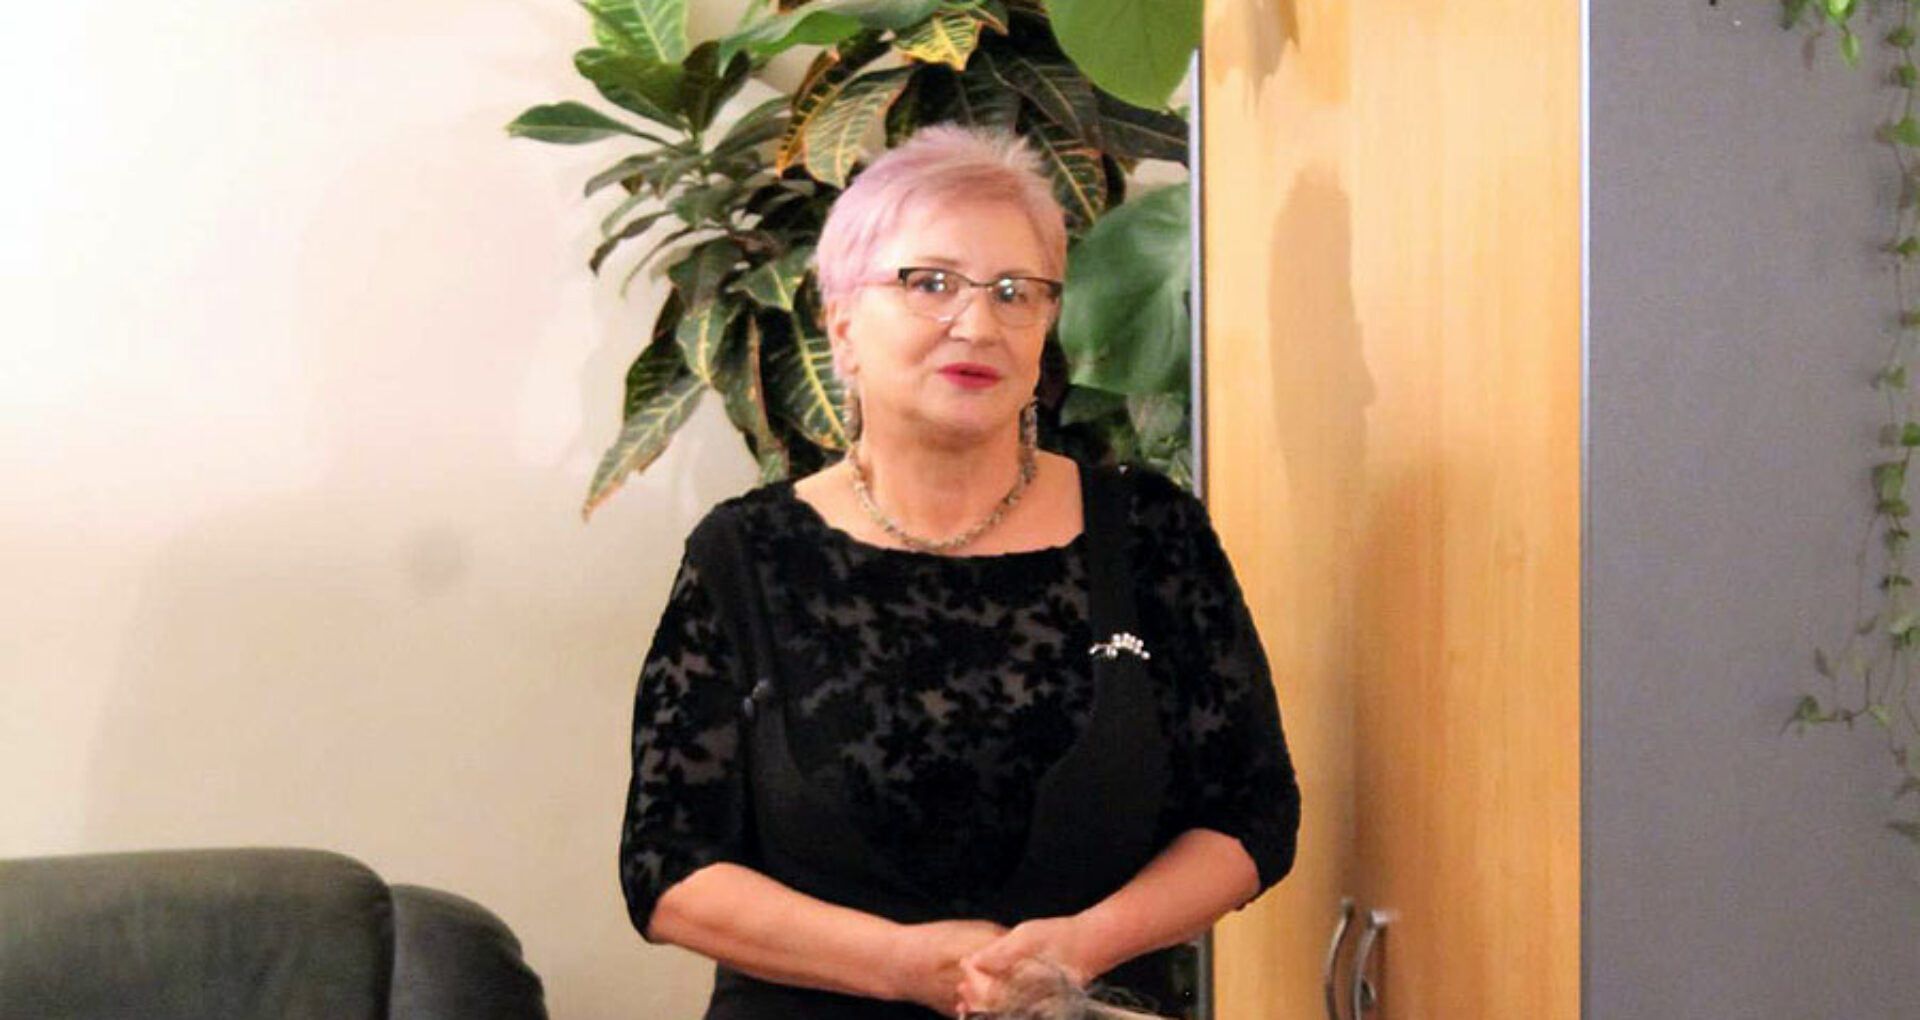 Olga Căpăţână, femeia-soldat,  şi-a lansat cărţile la Paris